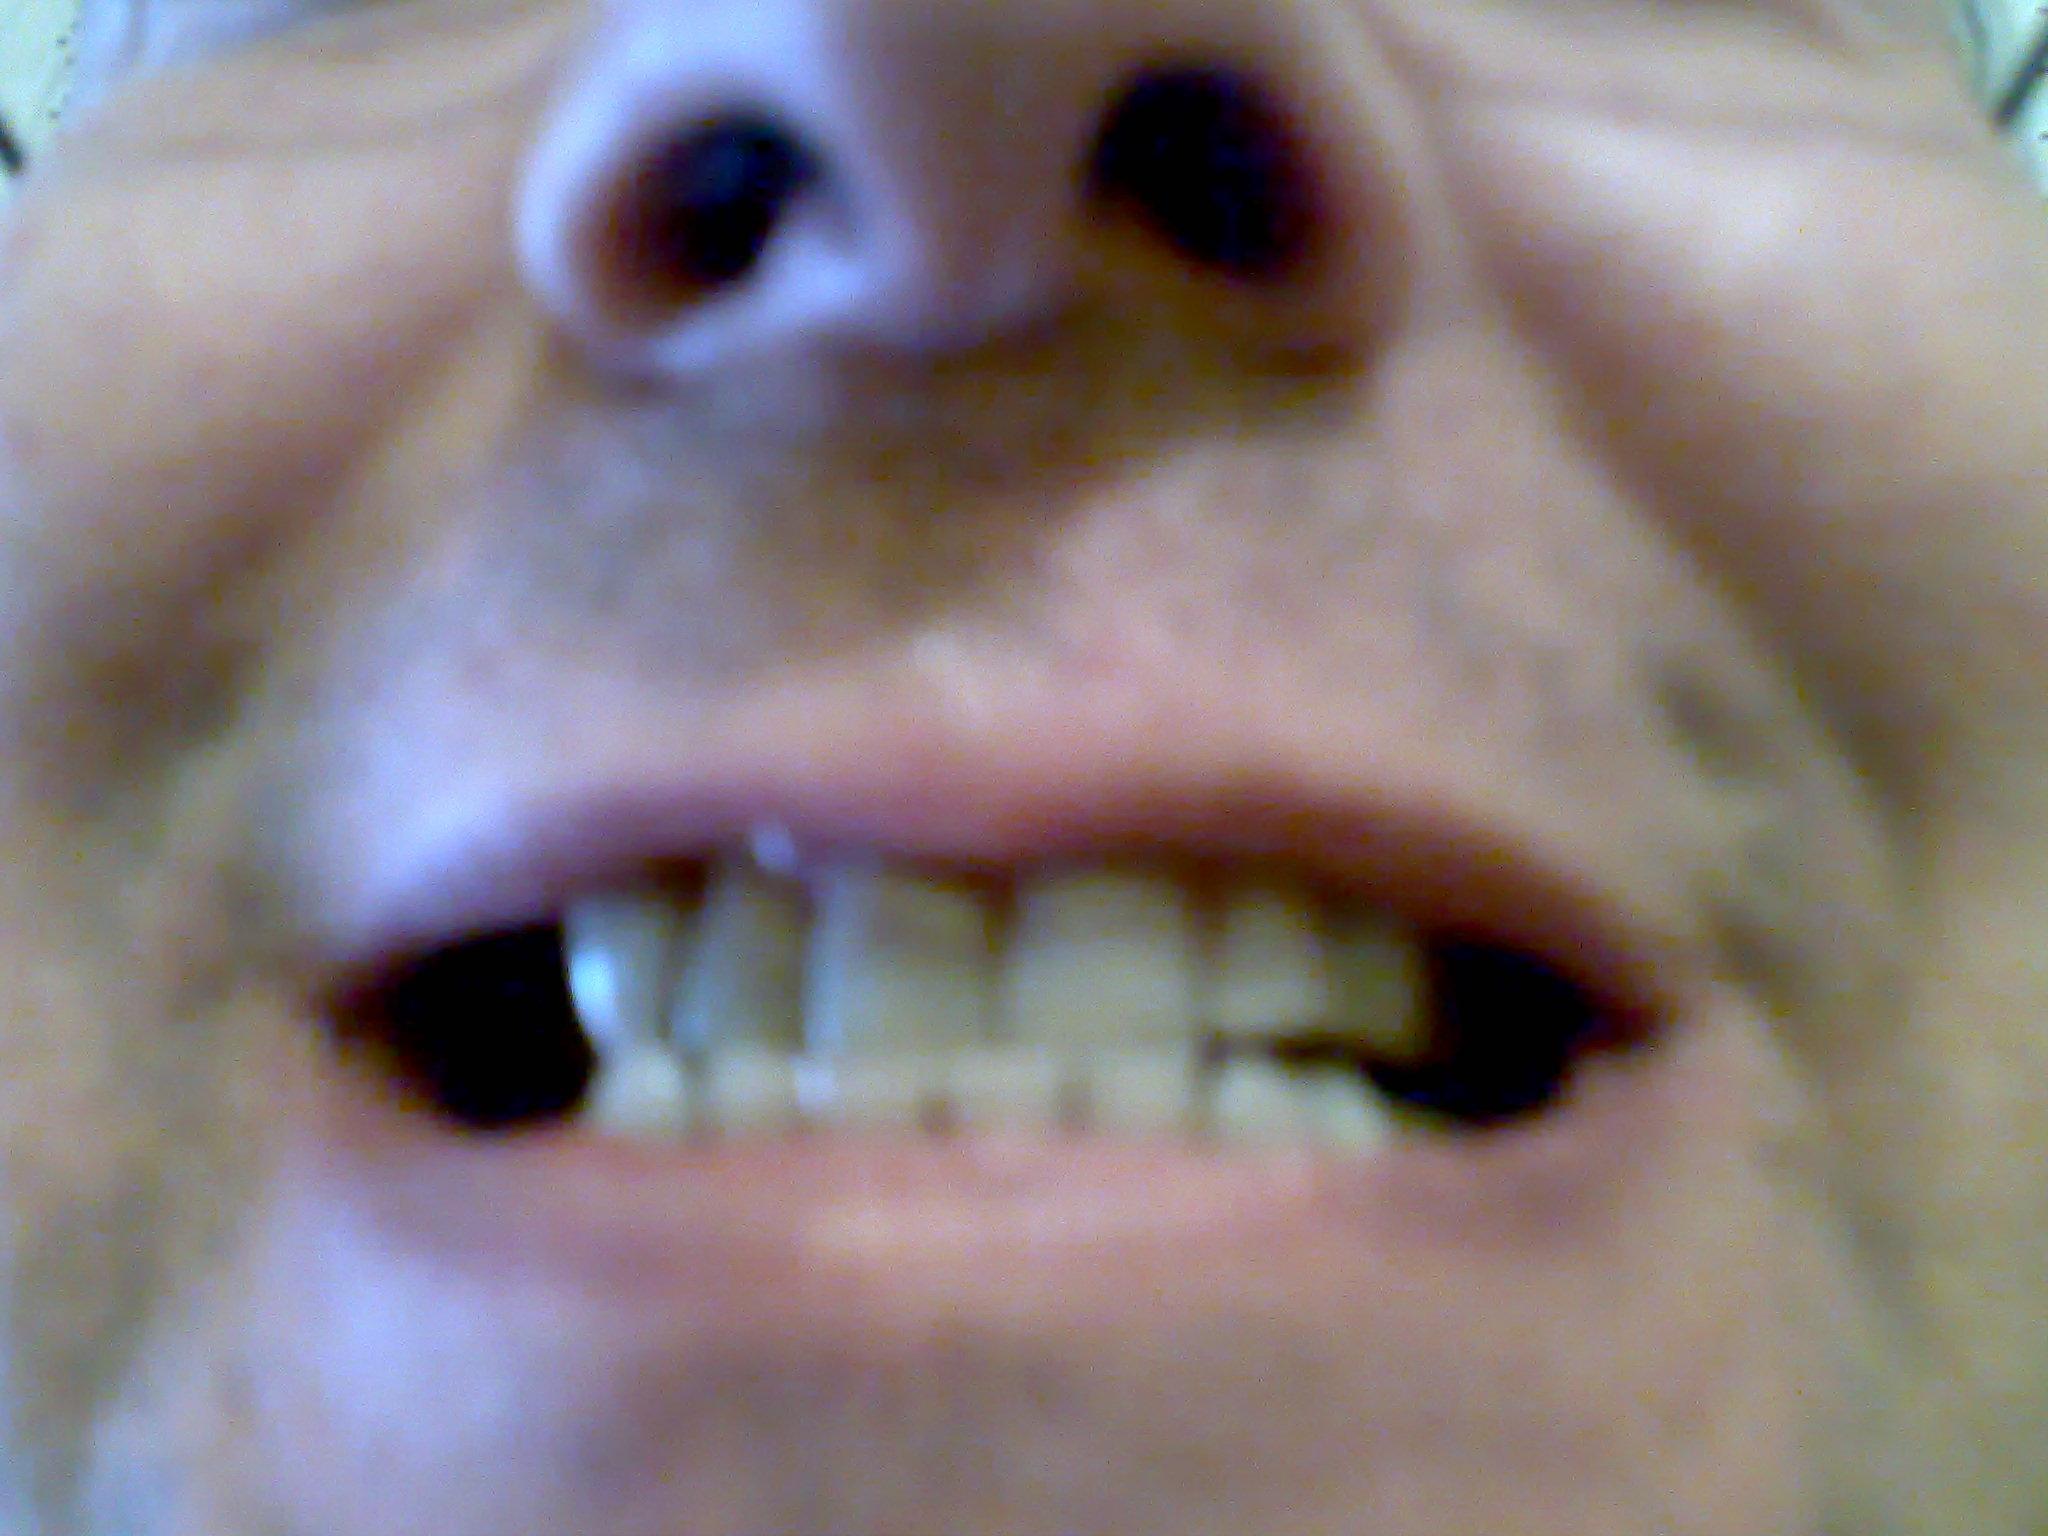 Scurimento dei denti a causa di medicinali e possibilità di sbiancamento o altro.